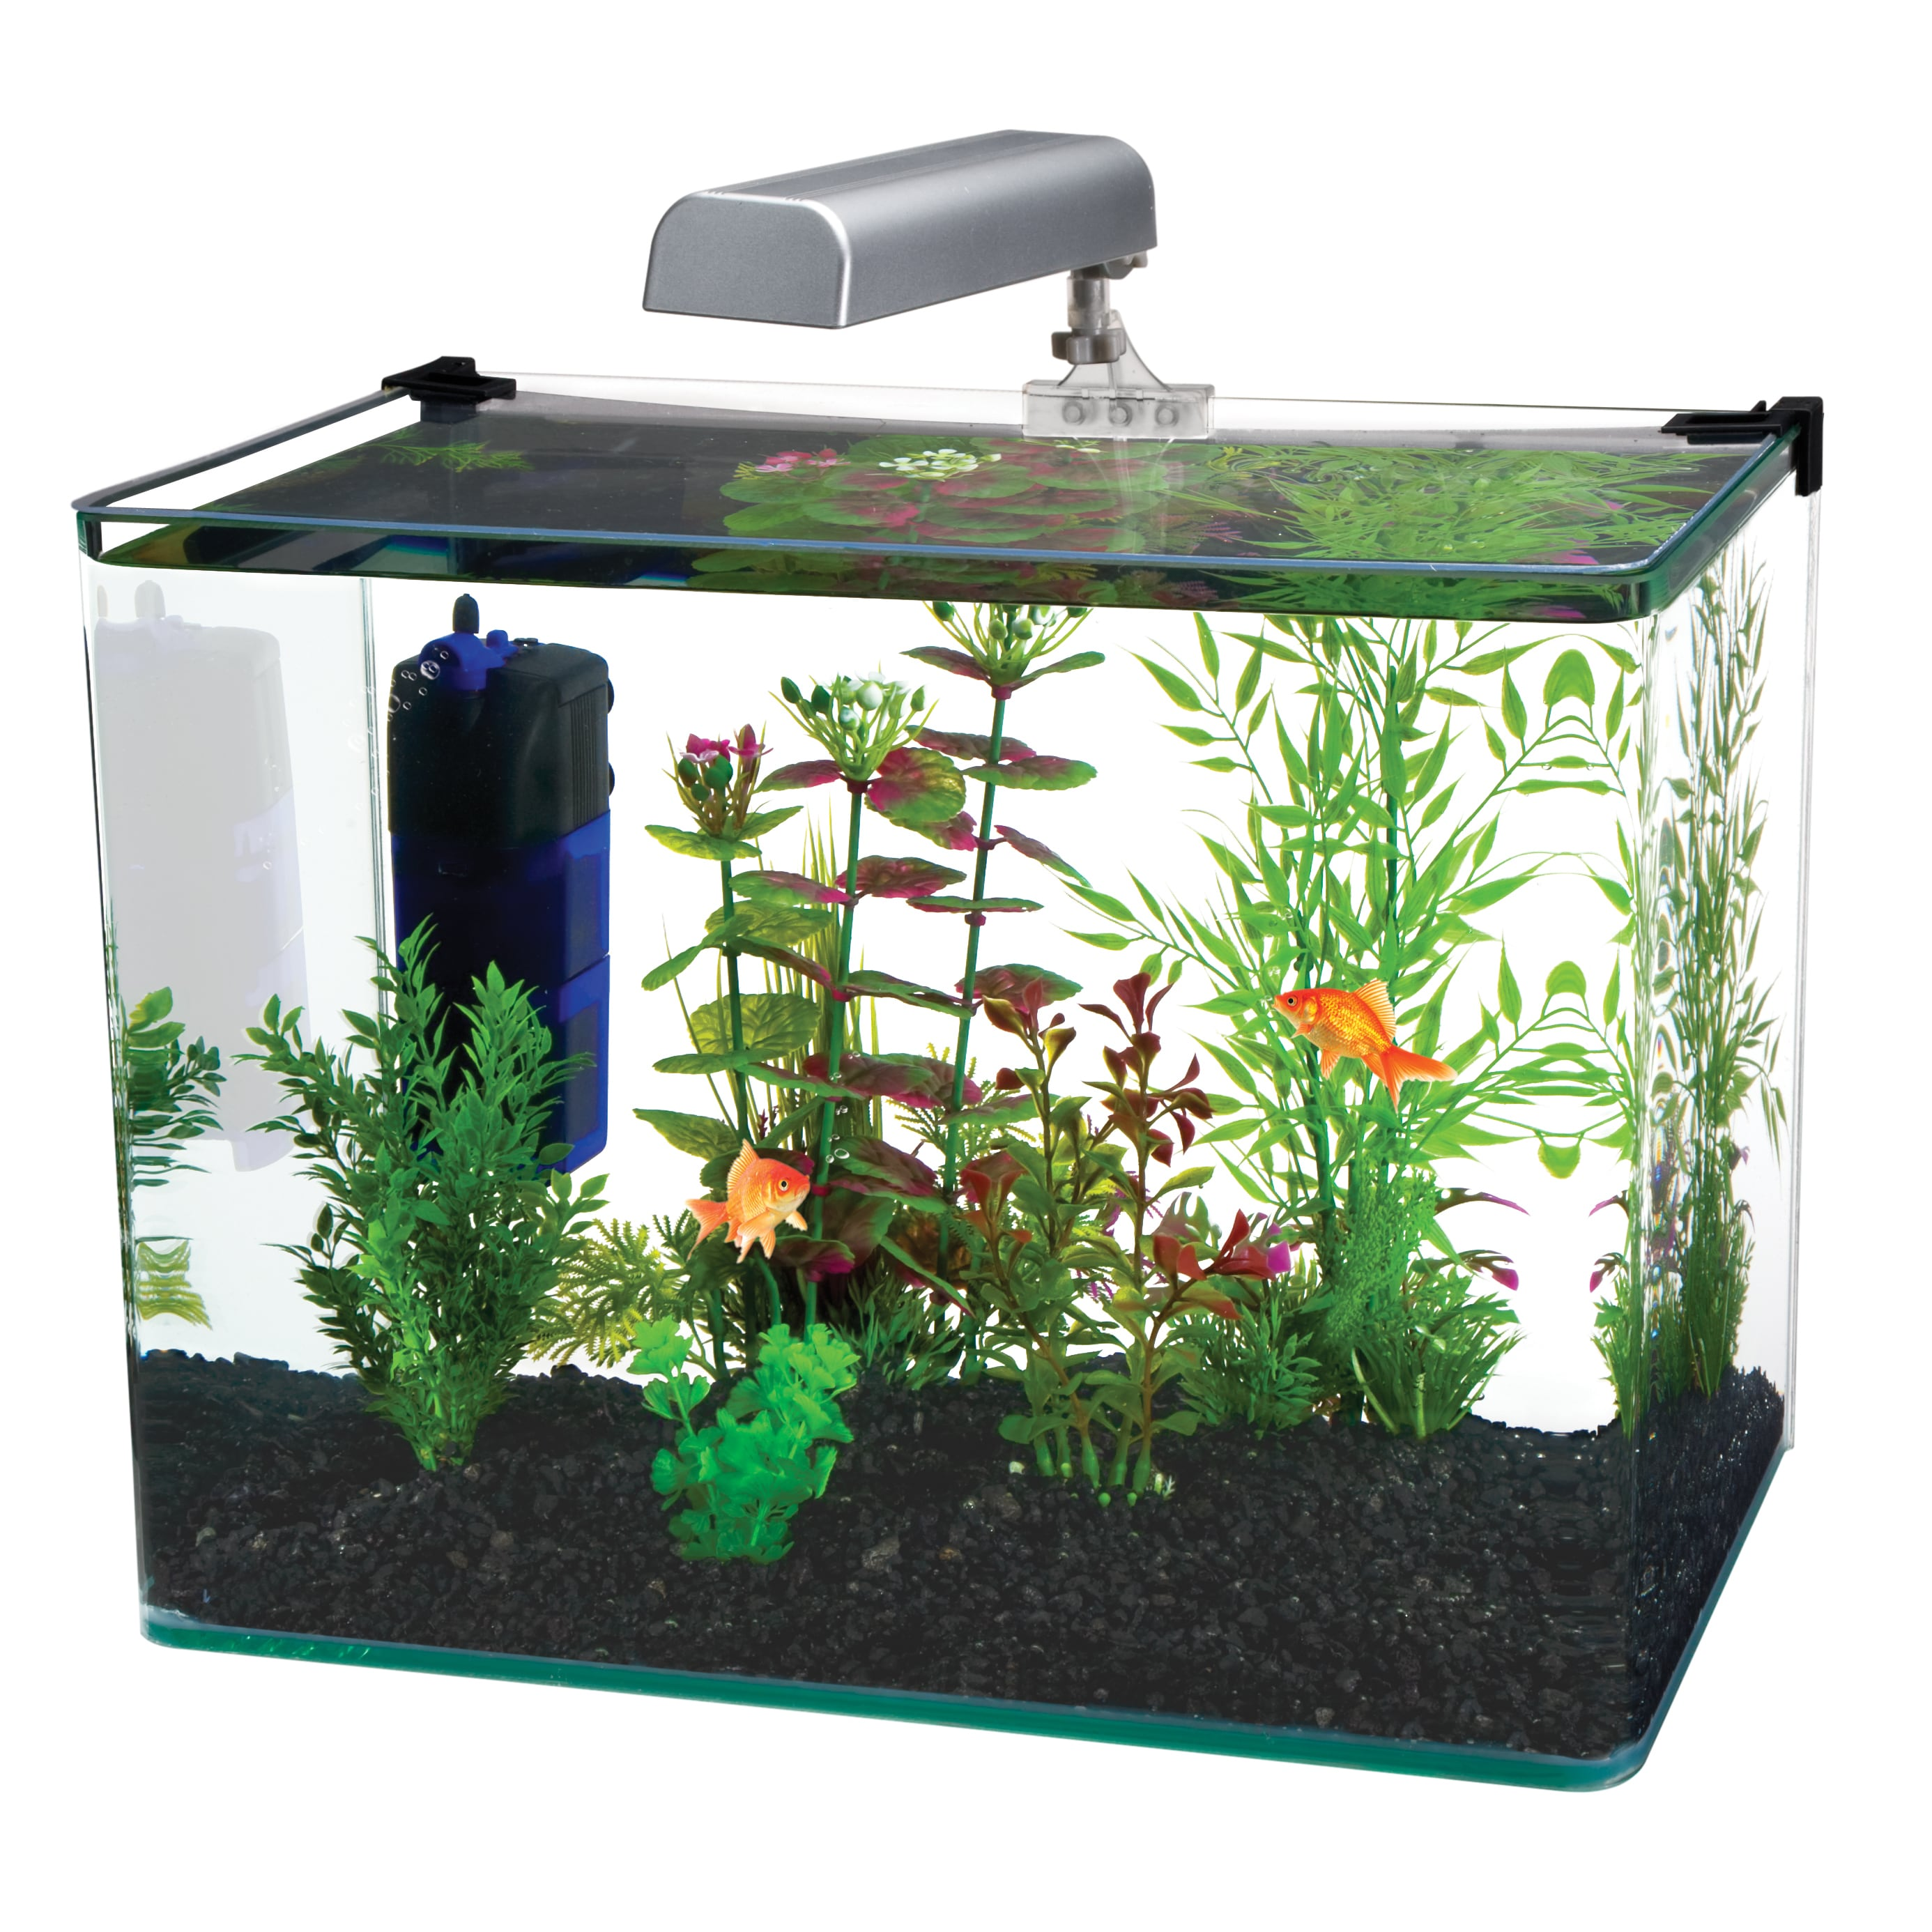 Penn Plax Radius Desktop Aquarium Kit (15.7 x 11.7), Clear